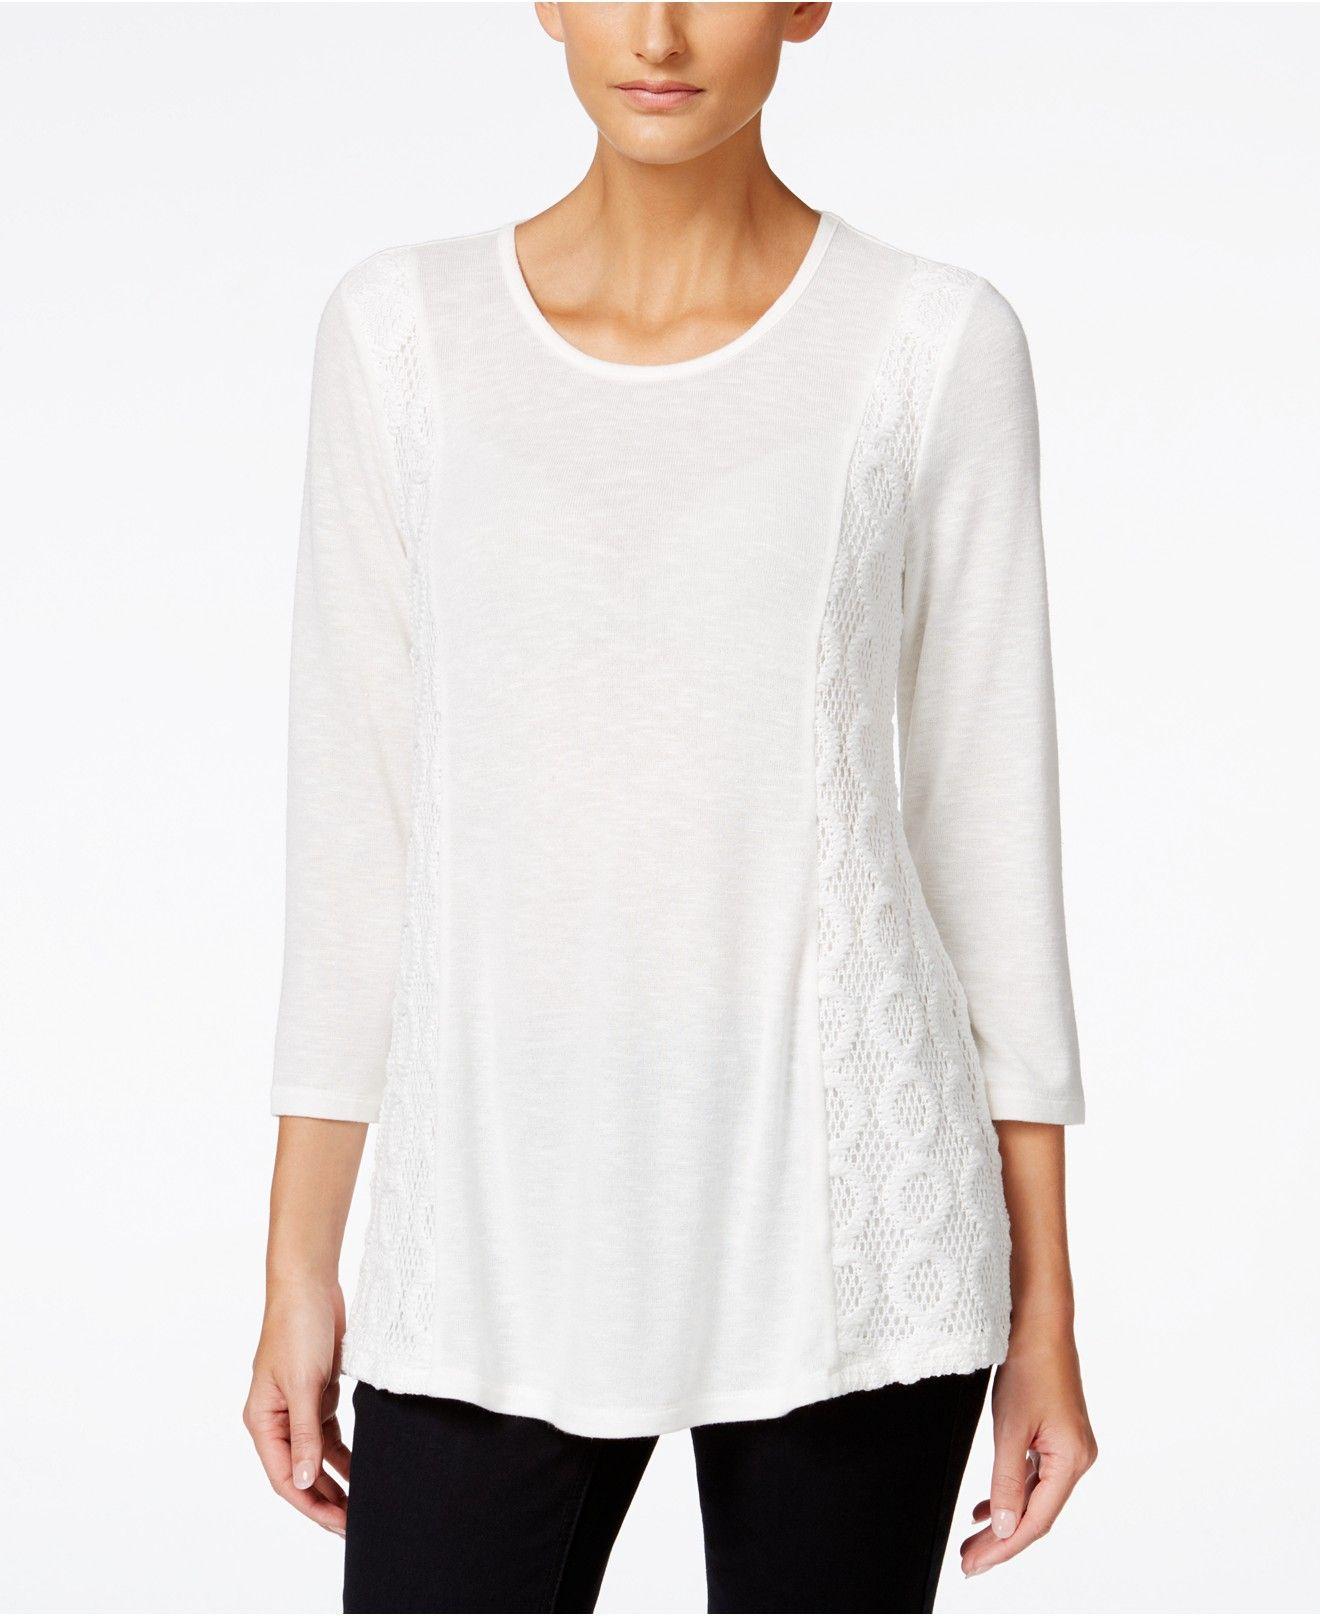 26f8ace677a90 Macys Womens Shirts - BCD Tofu House